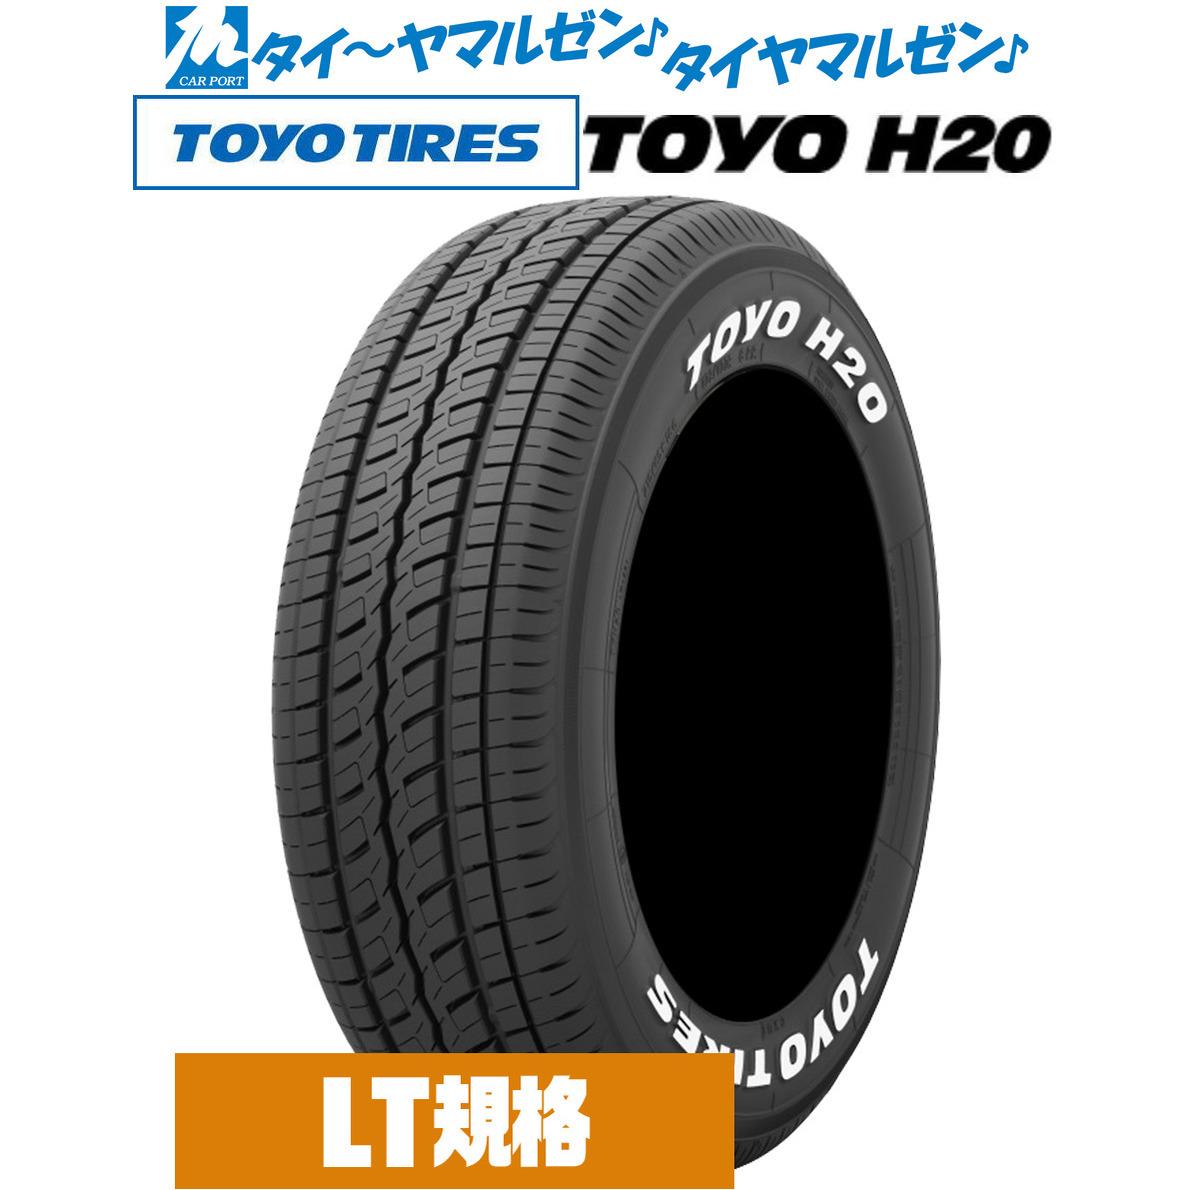 新品 215 60R17 サマータイヤ単品 激安超特価 新品サマータイヤ 送料無料 1本~4本 大規模セール ホワイトレター 107R セット TOYO タイヤのみトーヨータイヤ H20 109